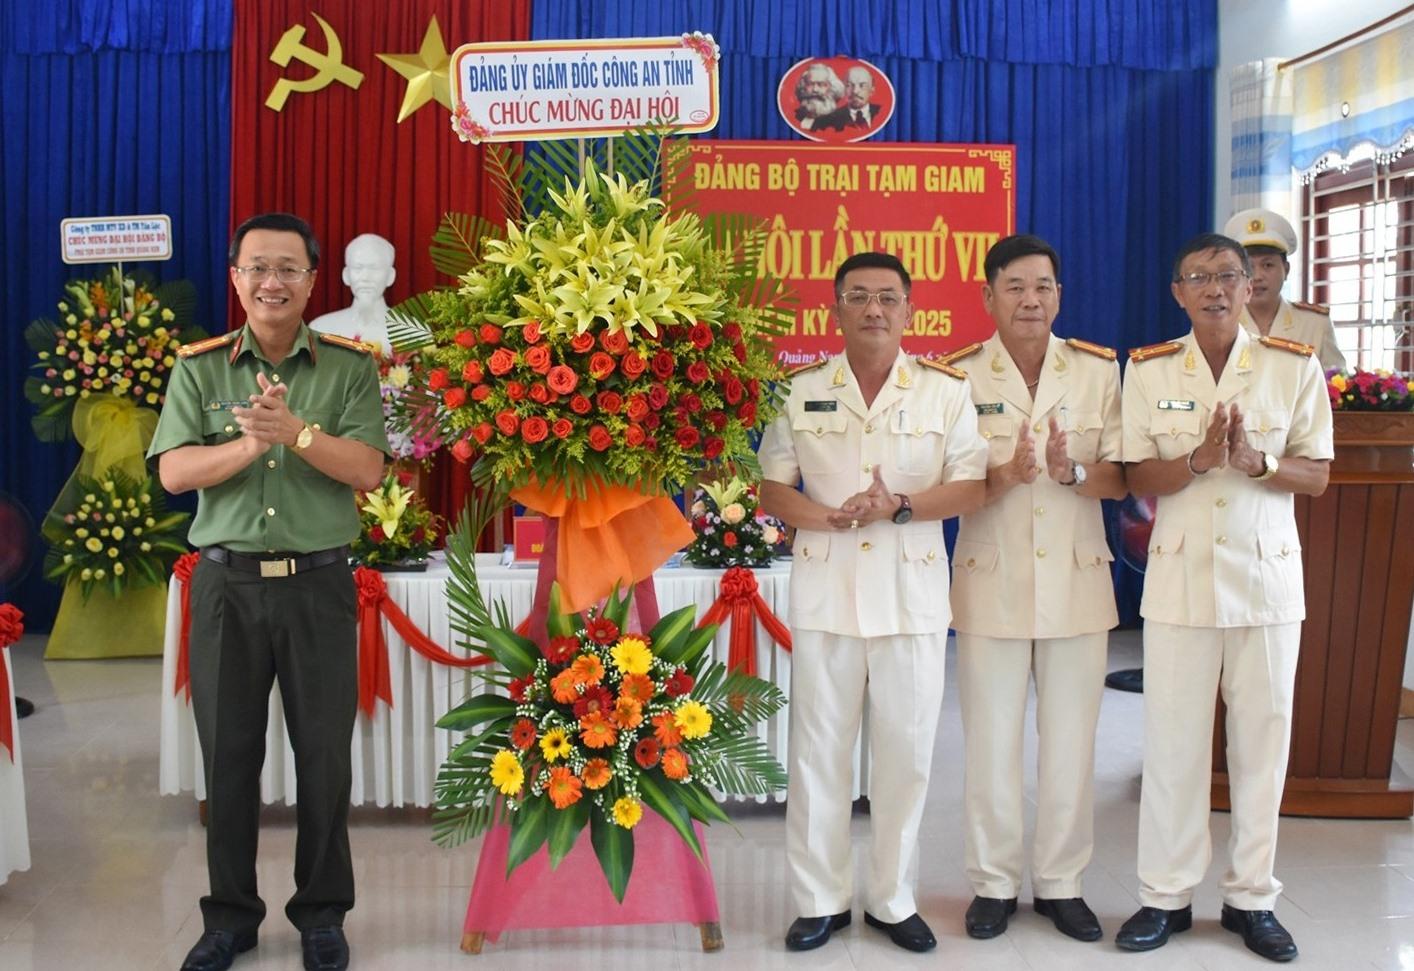 Thượng tá Nguyễn Thành Long - Phó Giám đốc Công an tỉnh tặng hoa chúc mừng đại hội. Ảnh: Q.H